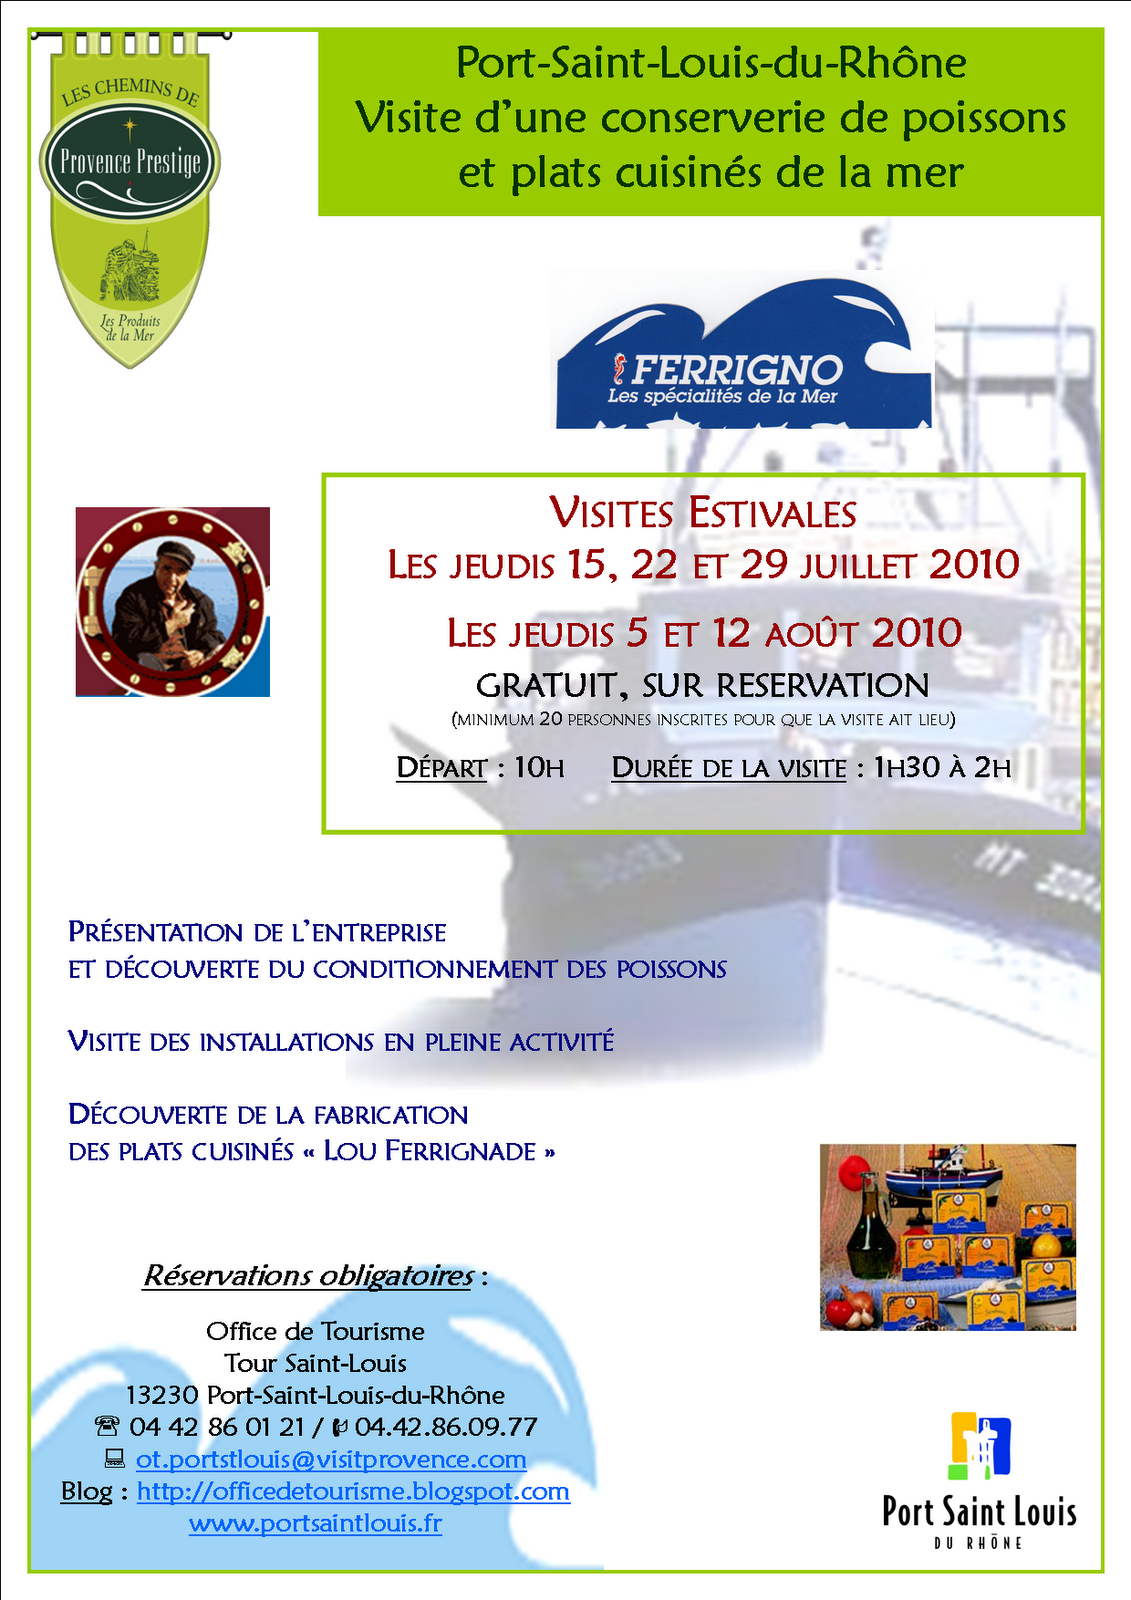 Office de tourisme de port saint louis du rh ne 20 mai 2010 - Office du tourisme port saint louis du rhone ...